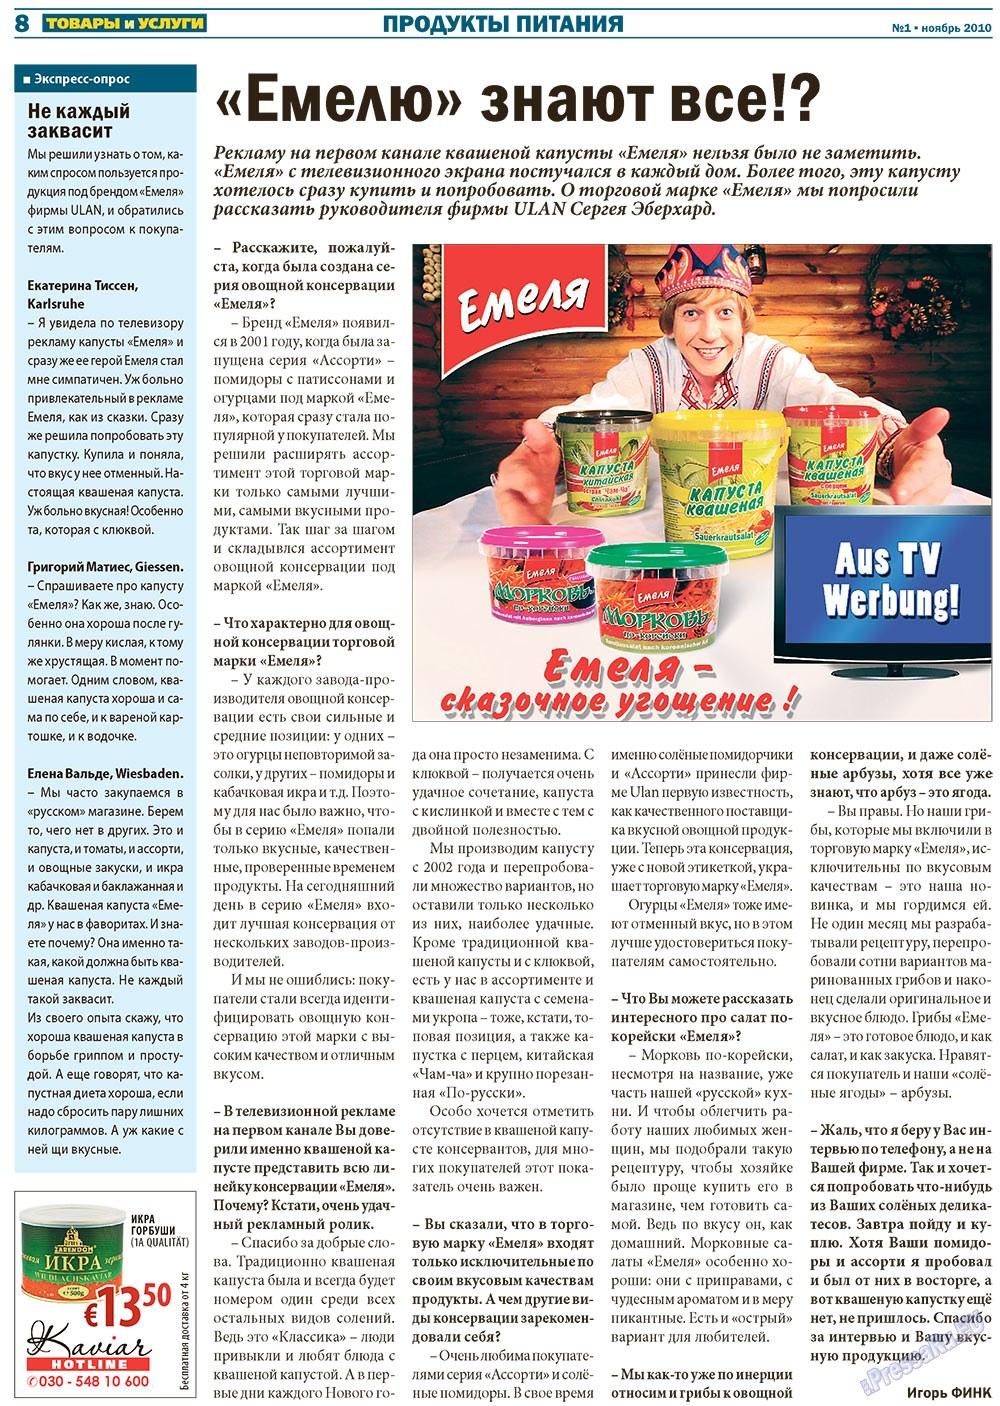 Товары и услуги (газета). 2010 год, номер 1, стр. 8